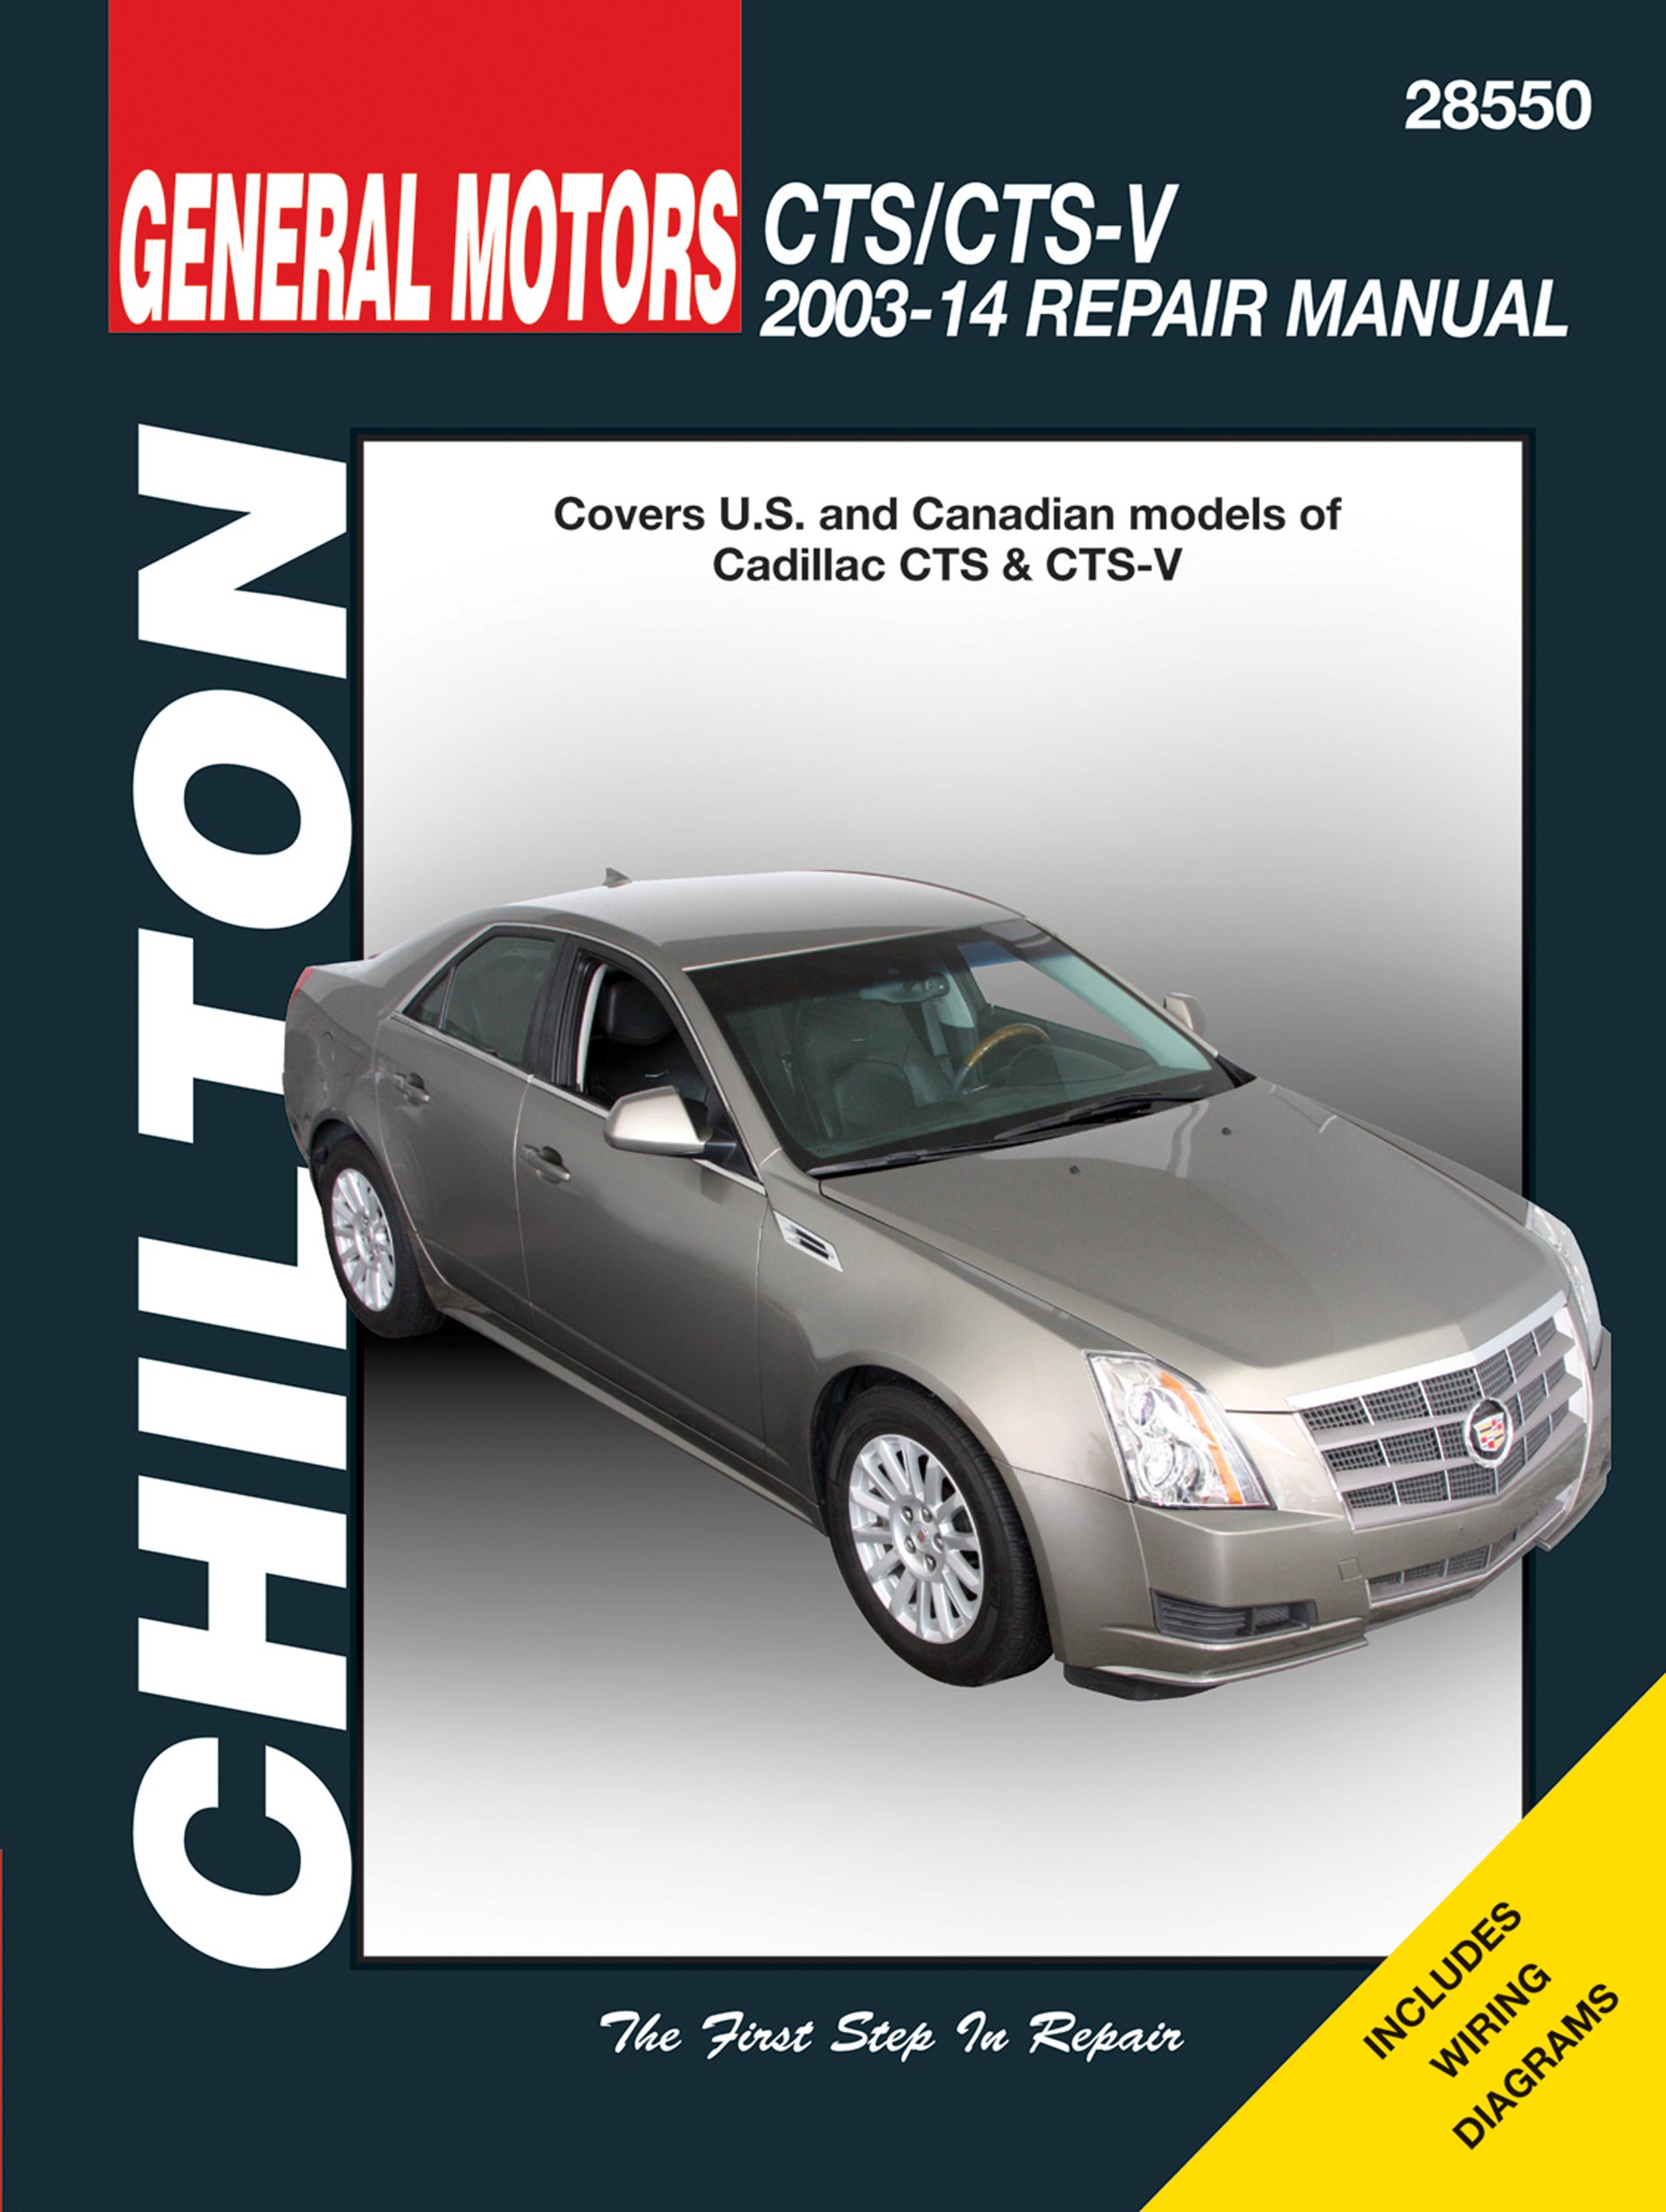 General Motors CTS/CTS-V (2003-14) for of Cadillac CTS & CTS-V Chilton Repair Manual (USA)